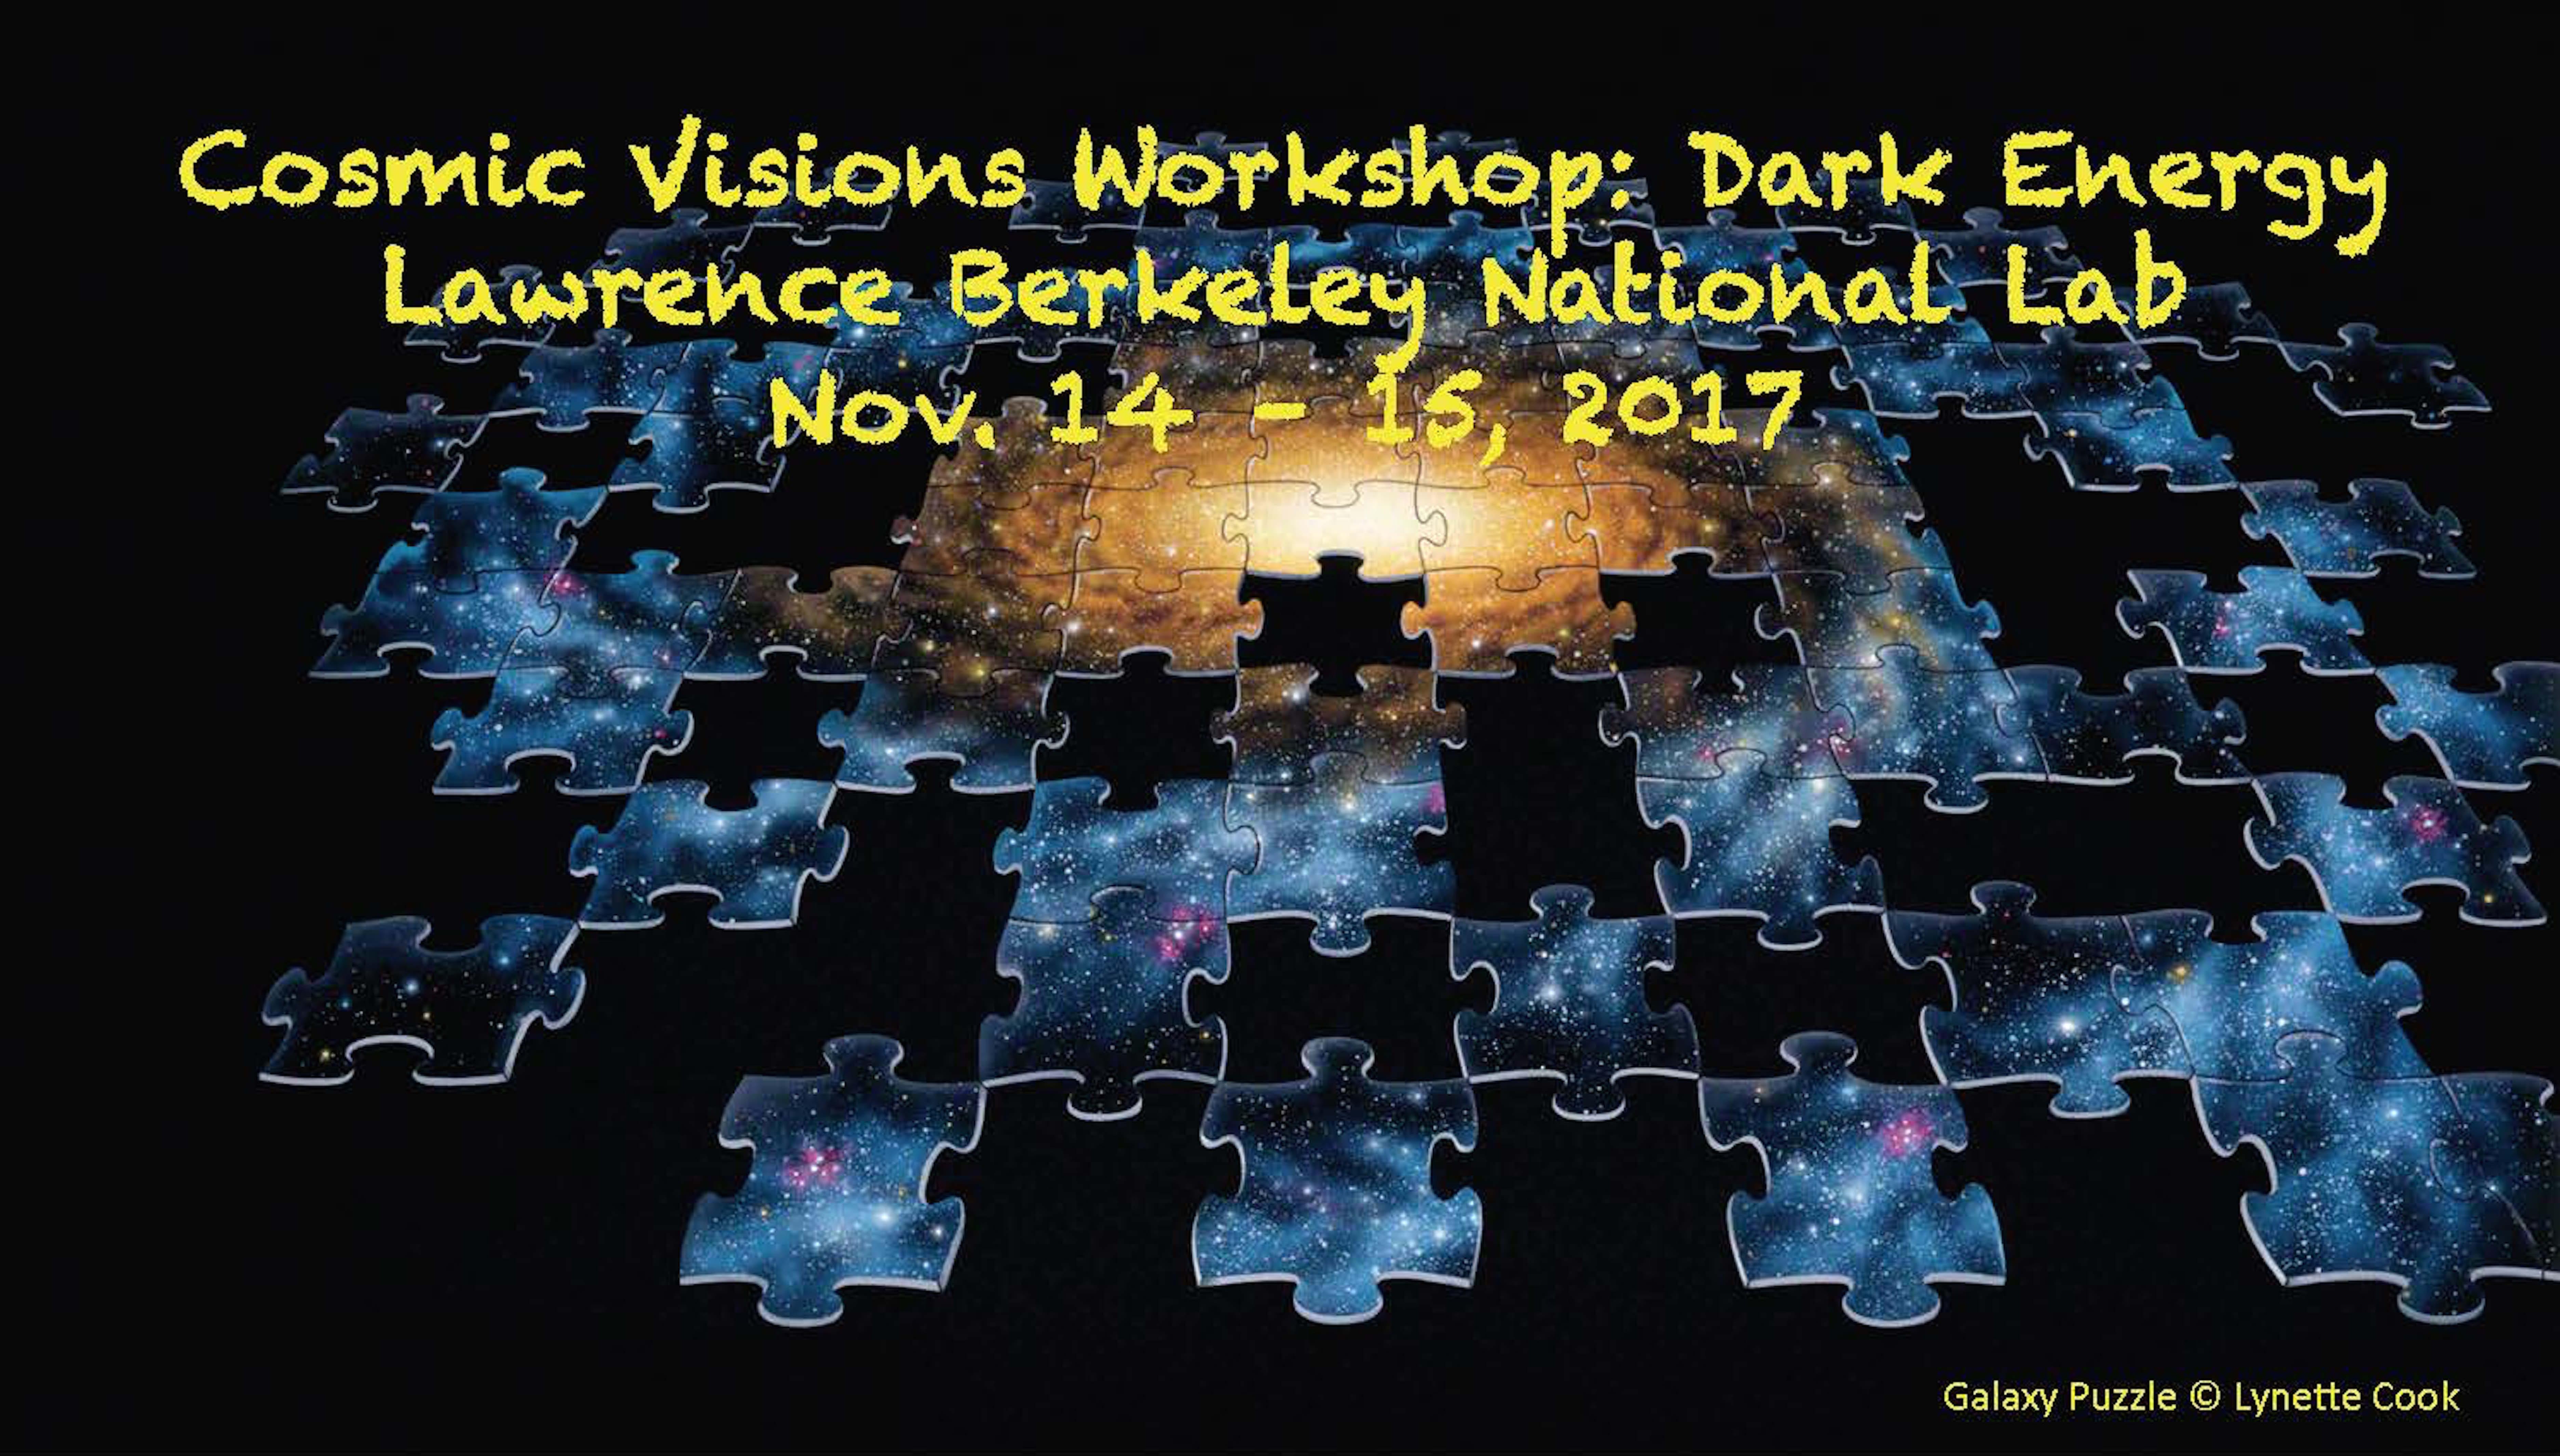 Cosmic Visions Dark Energy Workshop